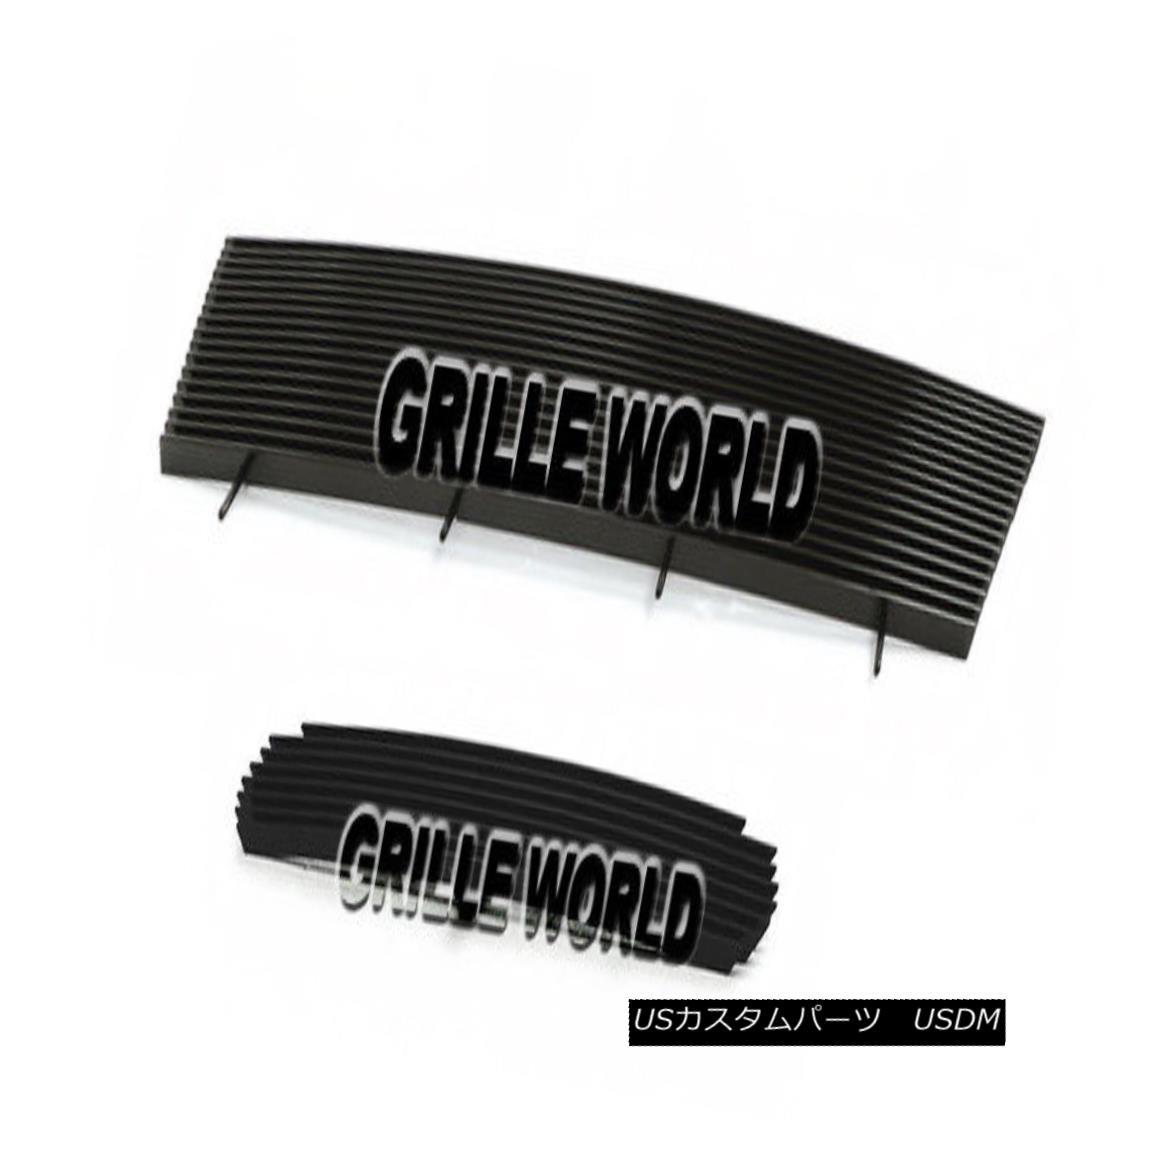 グリル For 98-00 Ford Ranger Black Billet Premium Grille Combo Insert 98-00フォードレンジャーブラックビレットプレミアムグリルコンボインサート